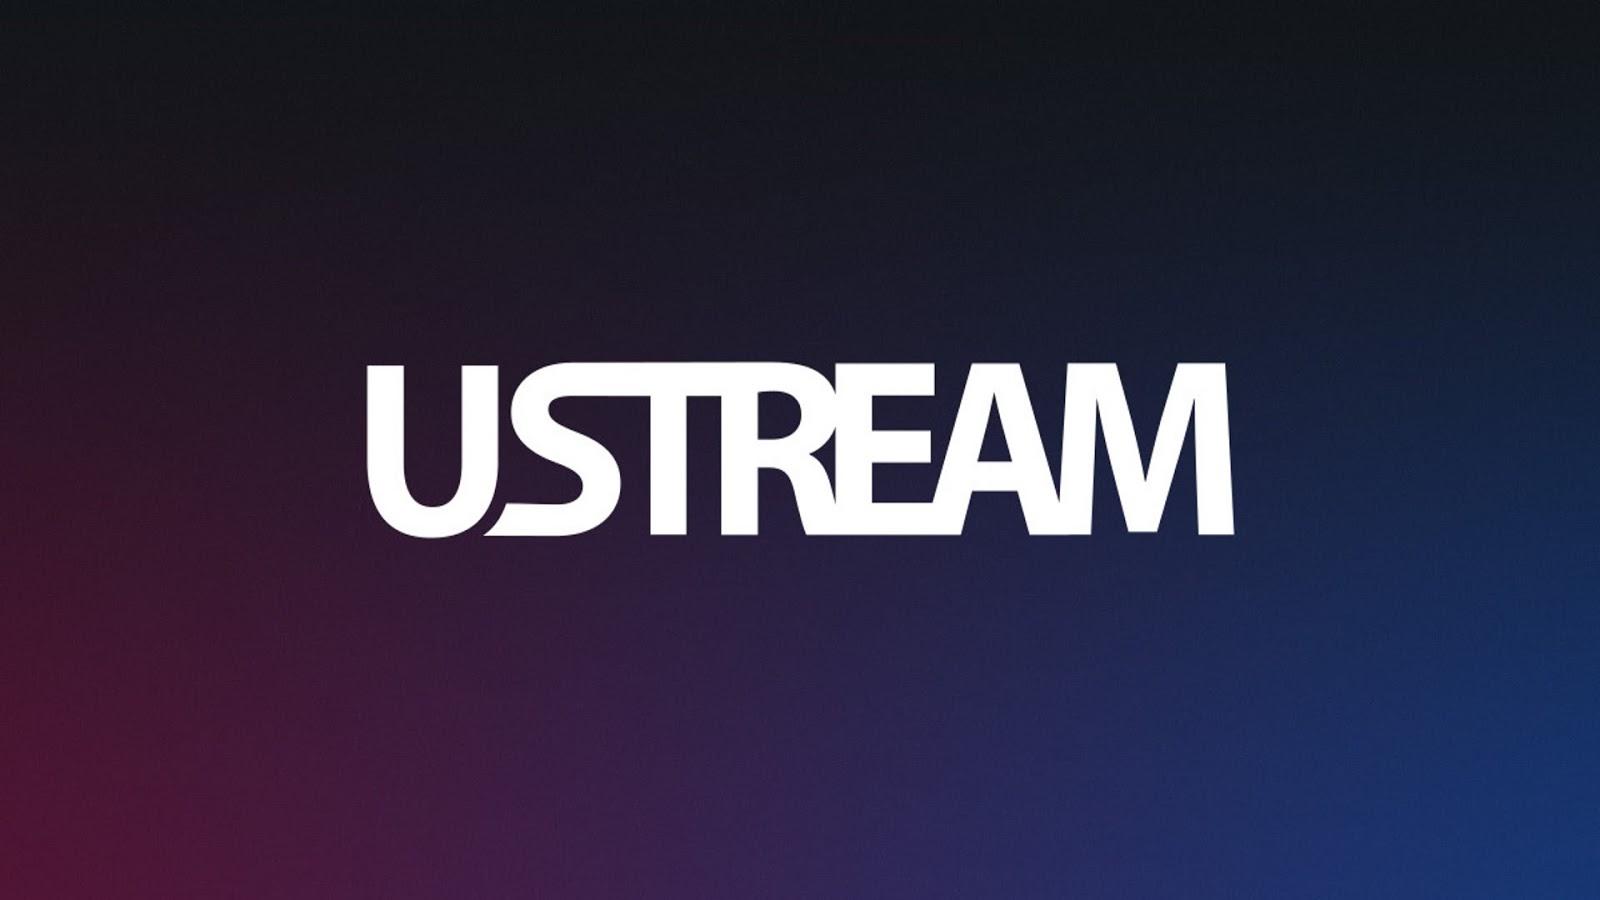 Ustream - Oyun Oynayarak Para Kazanmak İçin 19 Tavsiye